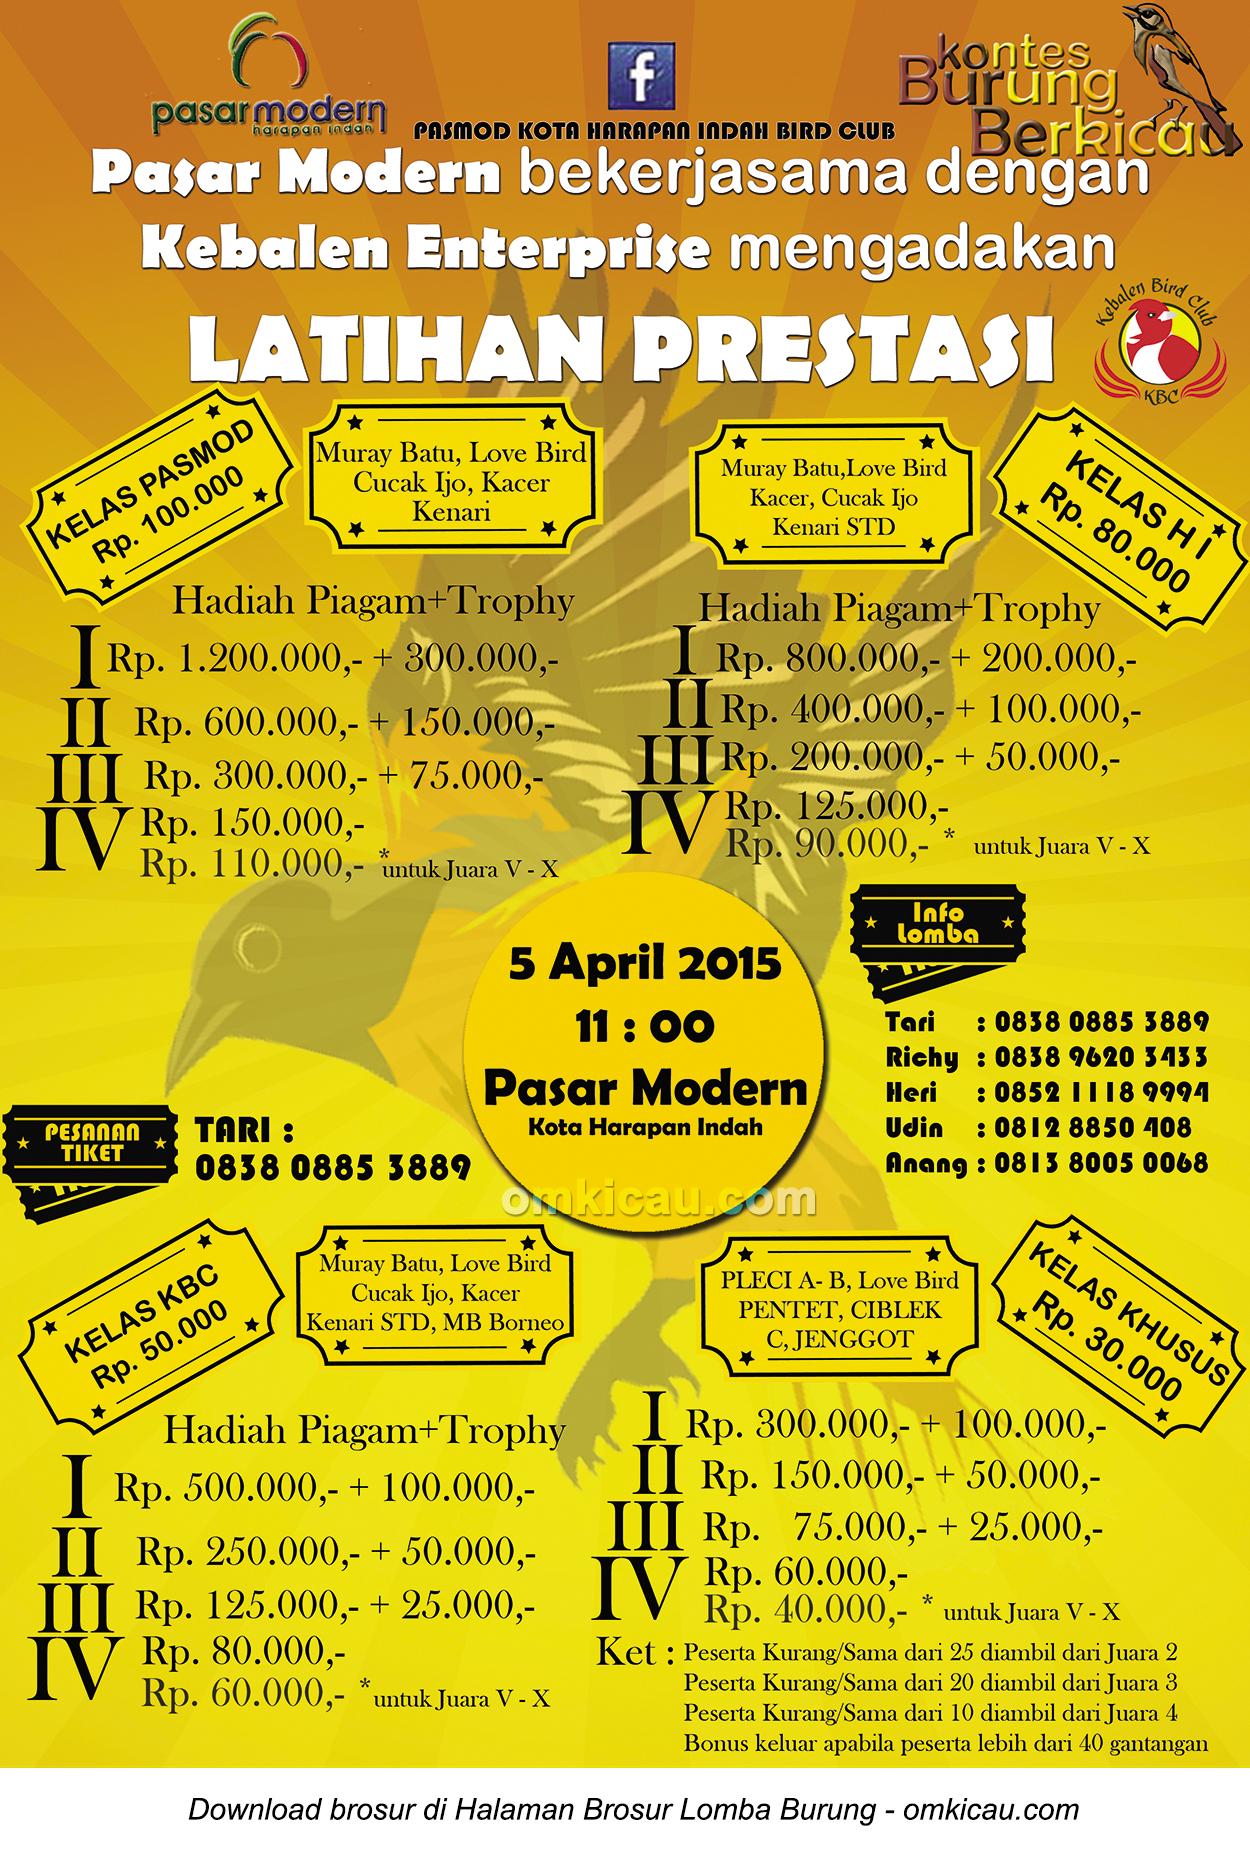 Brosur Latpres Pasar Modern Kota Harapan Indah, Bekasi, 5 April 2015